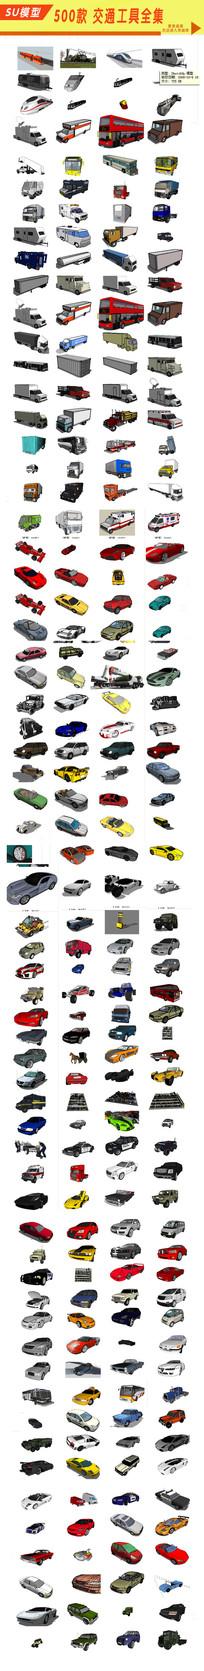 交通工具模型全集